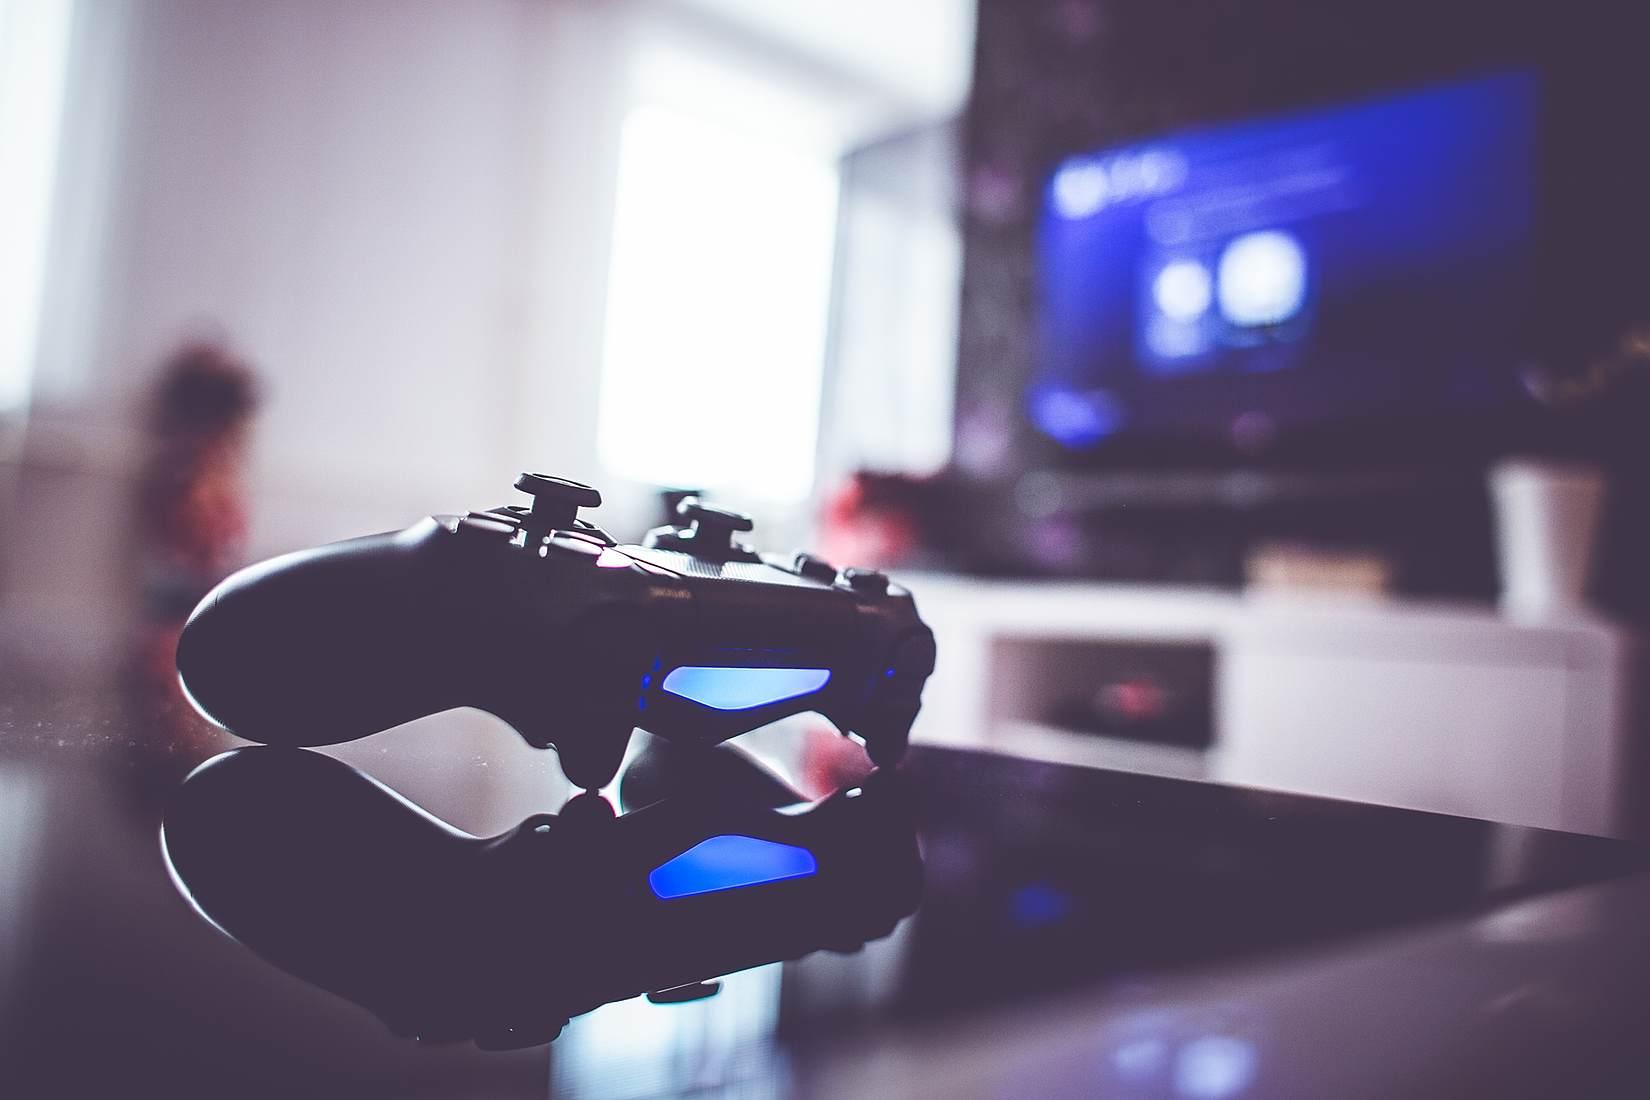 PS4で動画や映画を見る時に出てくるHDとSDの違いってなに?